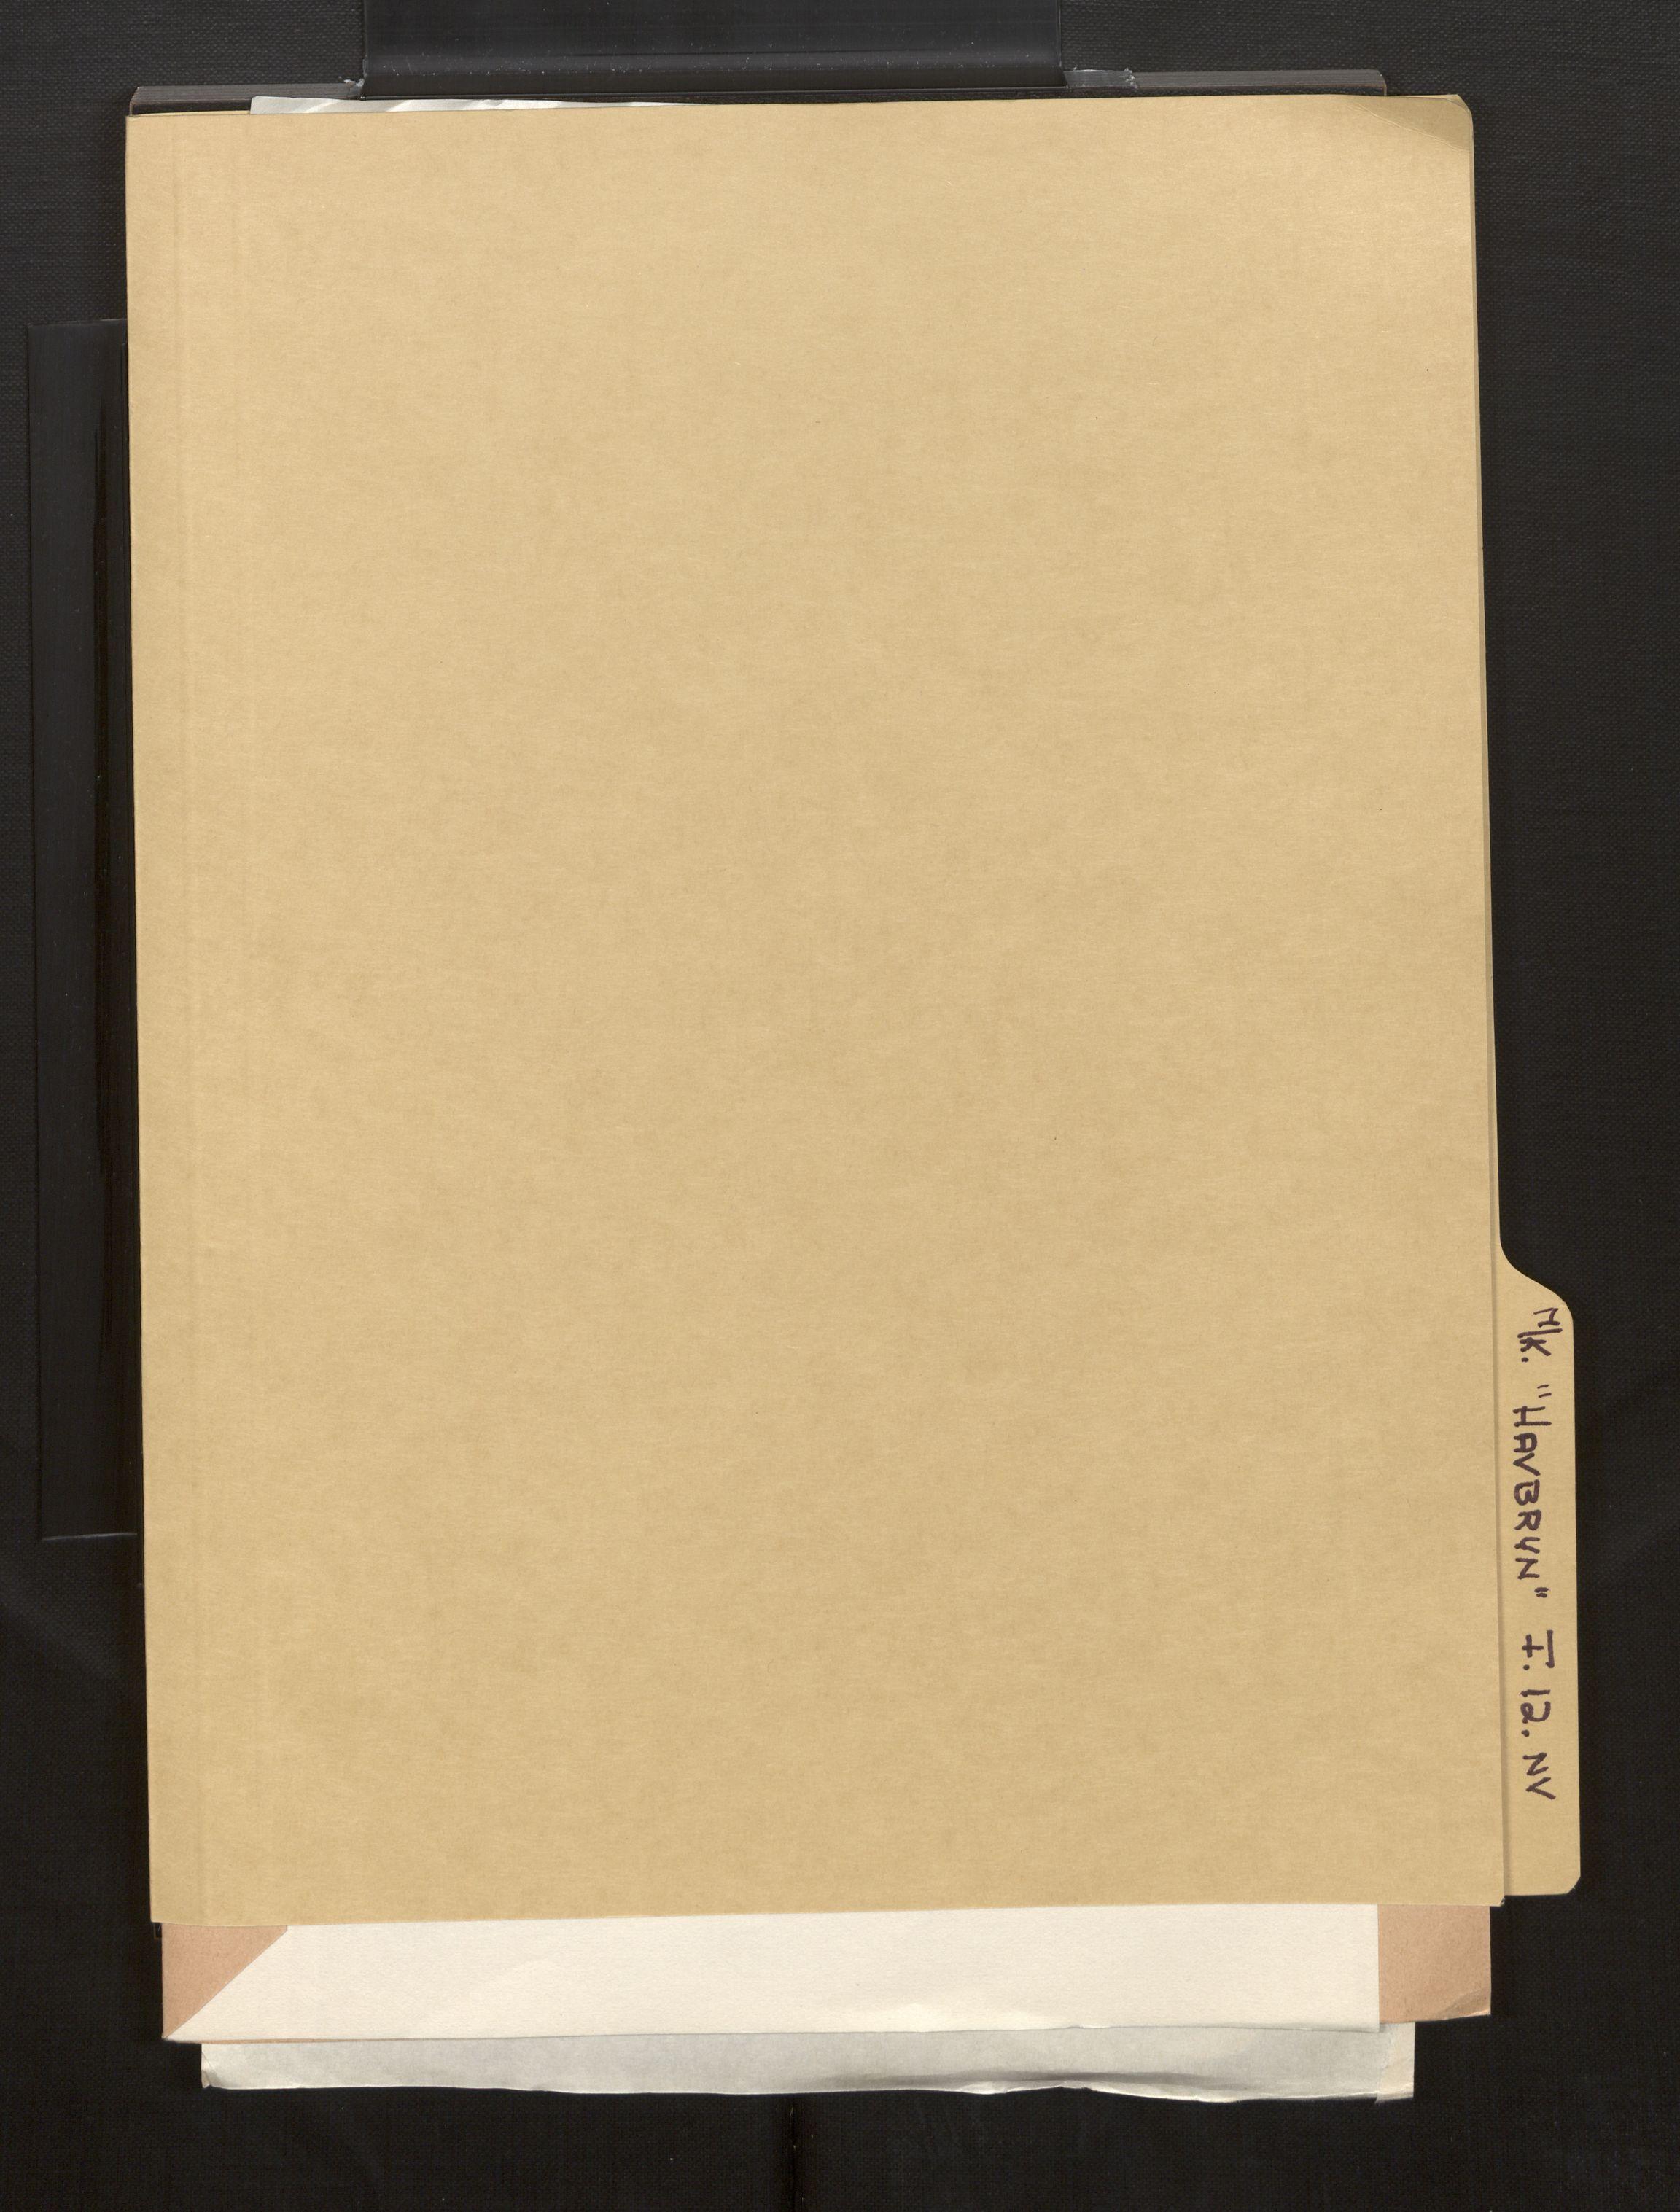 SAB, Fiskeridirektoratet - 1 Adm. ledelse - 13 Båtkontoret, La/L0042: Statens krigsforsikring for fiskeflåten, 1936-1971, s. 804